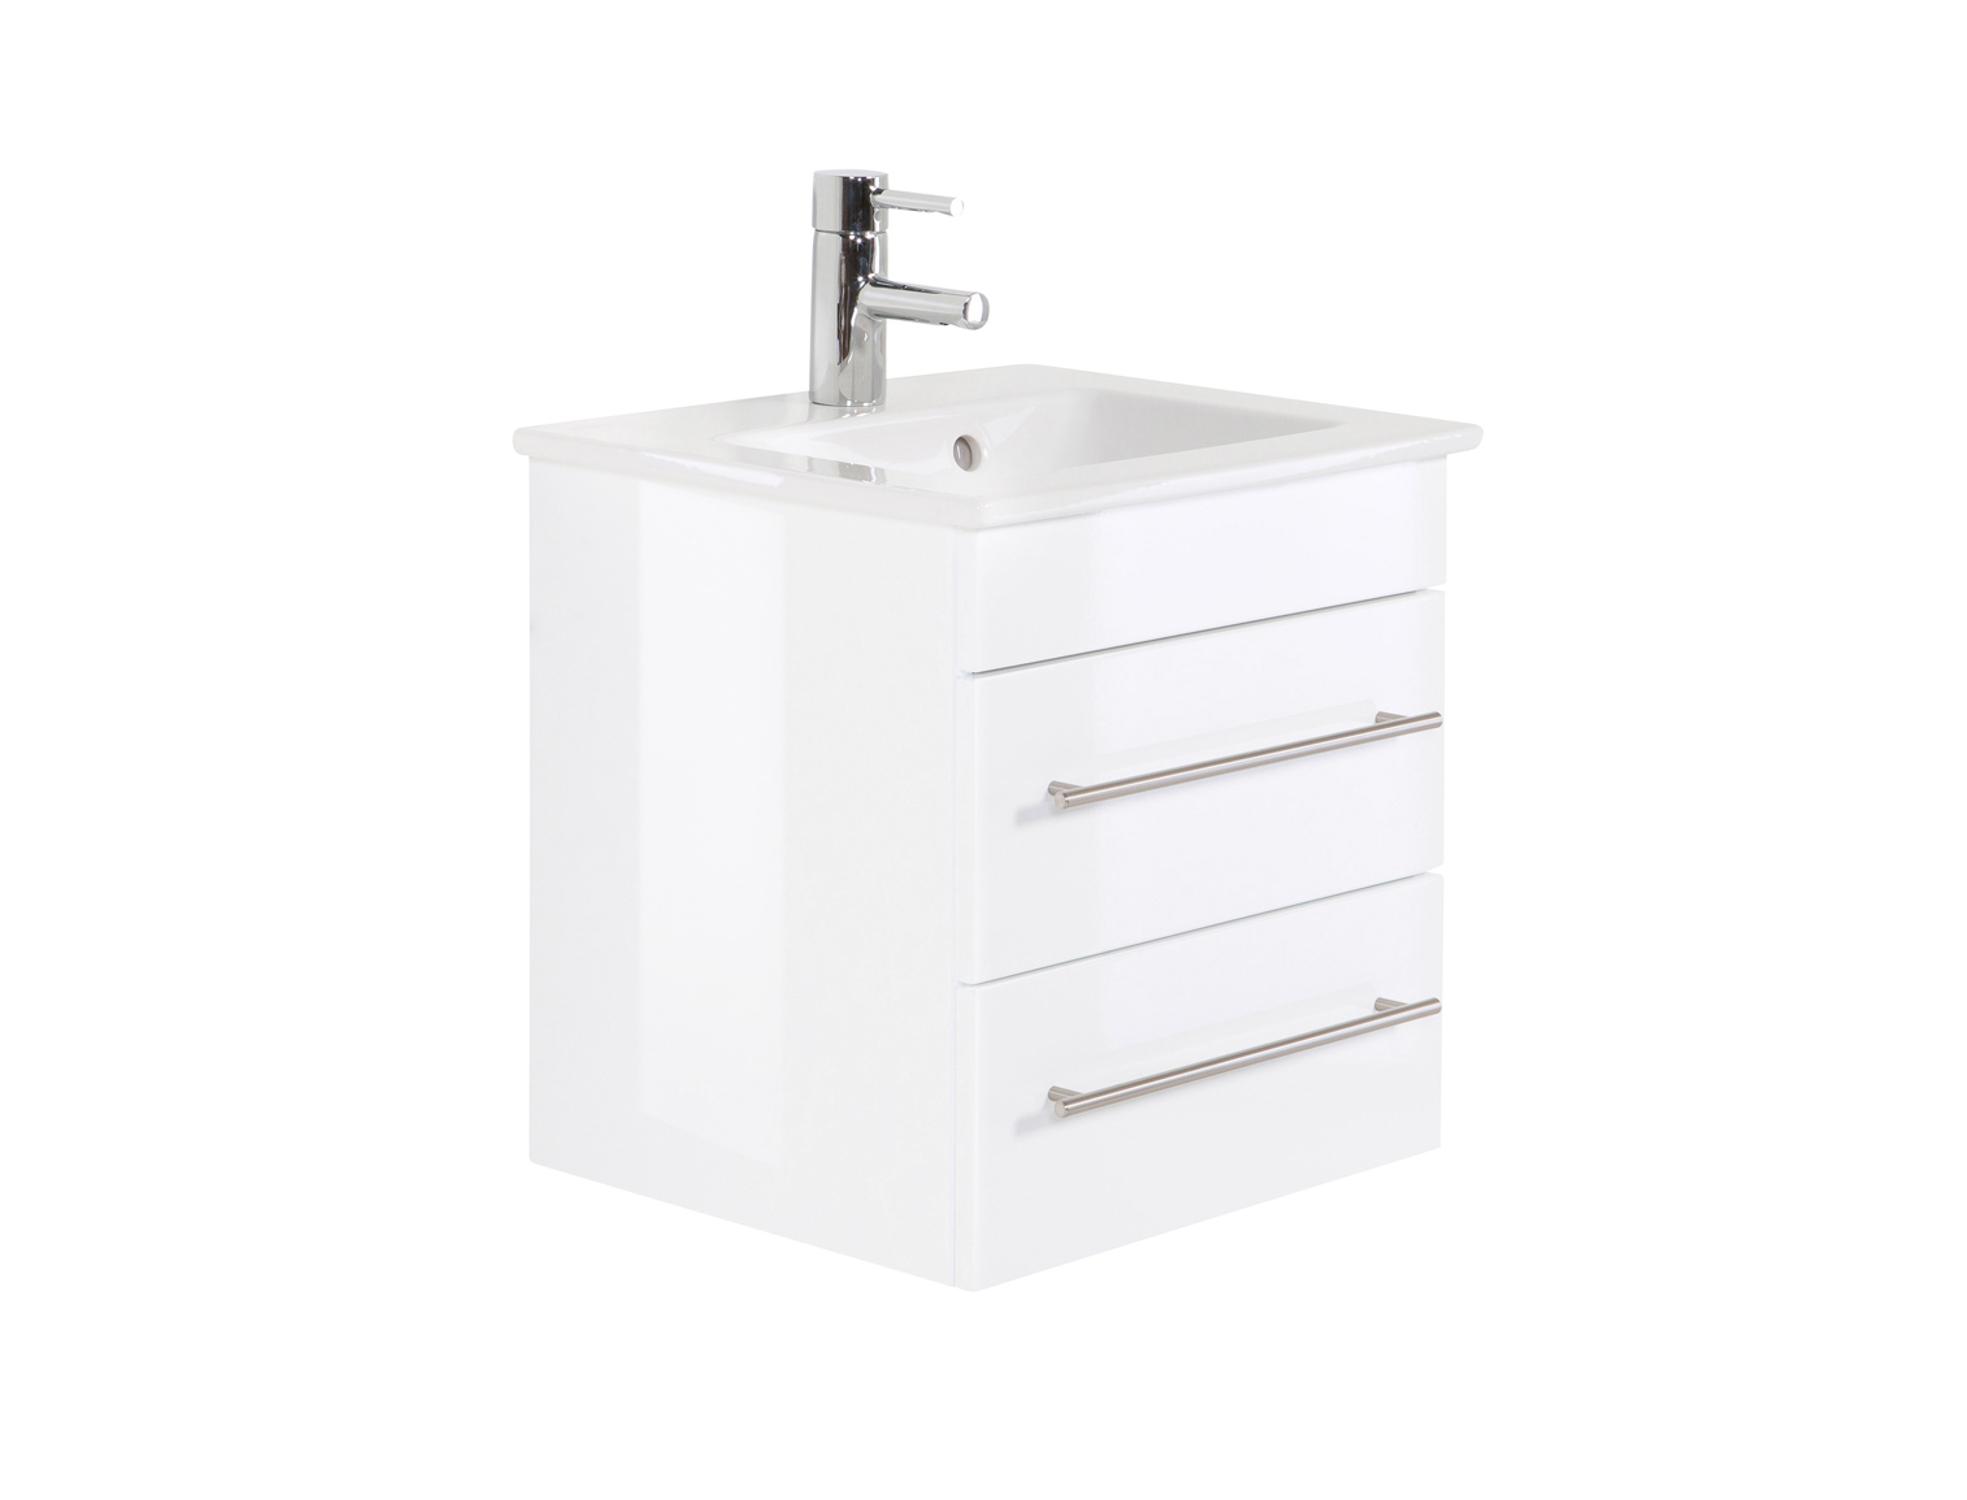 bad waschtisch mit villeroy boch becken venticello 50 cm breit wei bad waschtische. Black Bedroom Furniture Sets. Home Design Ideas